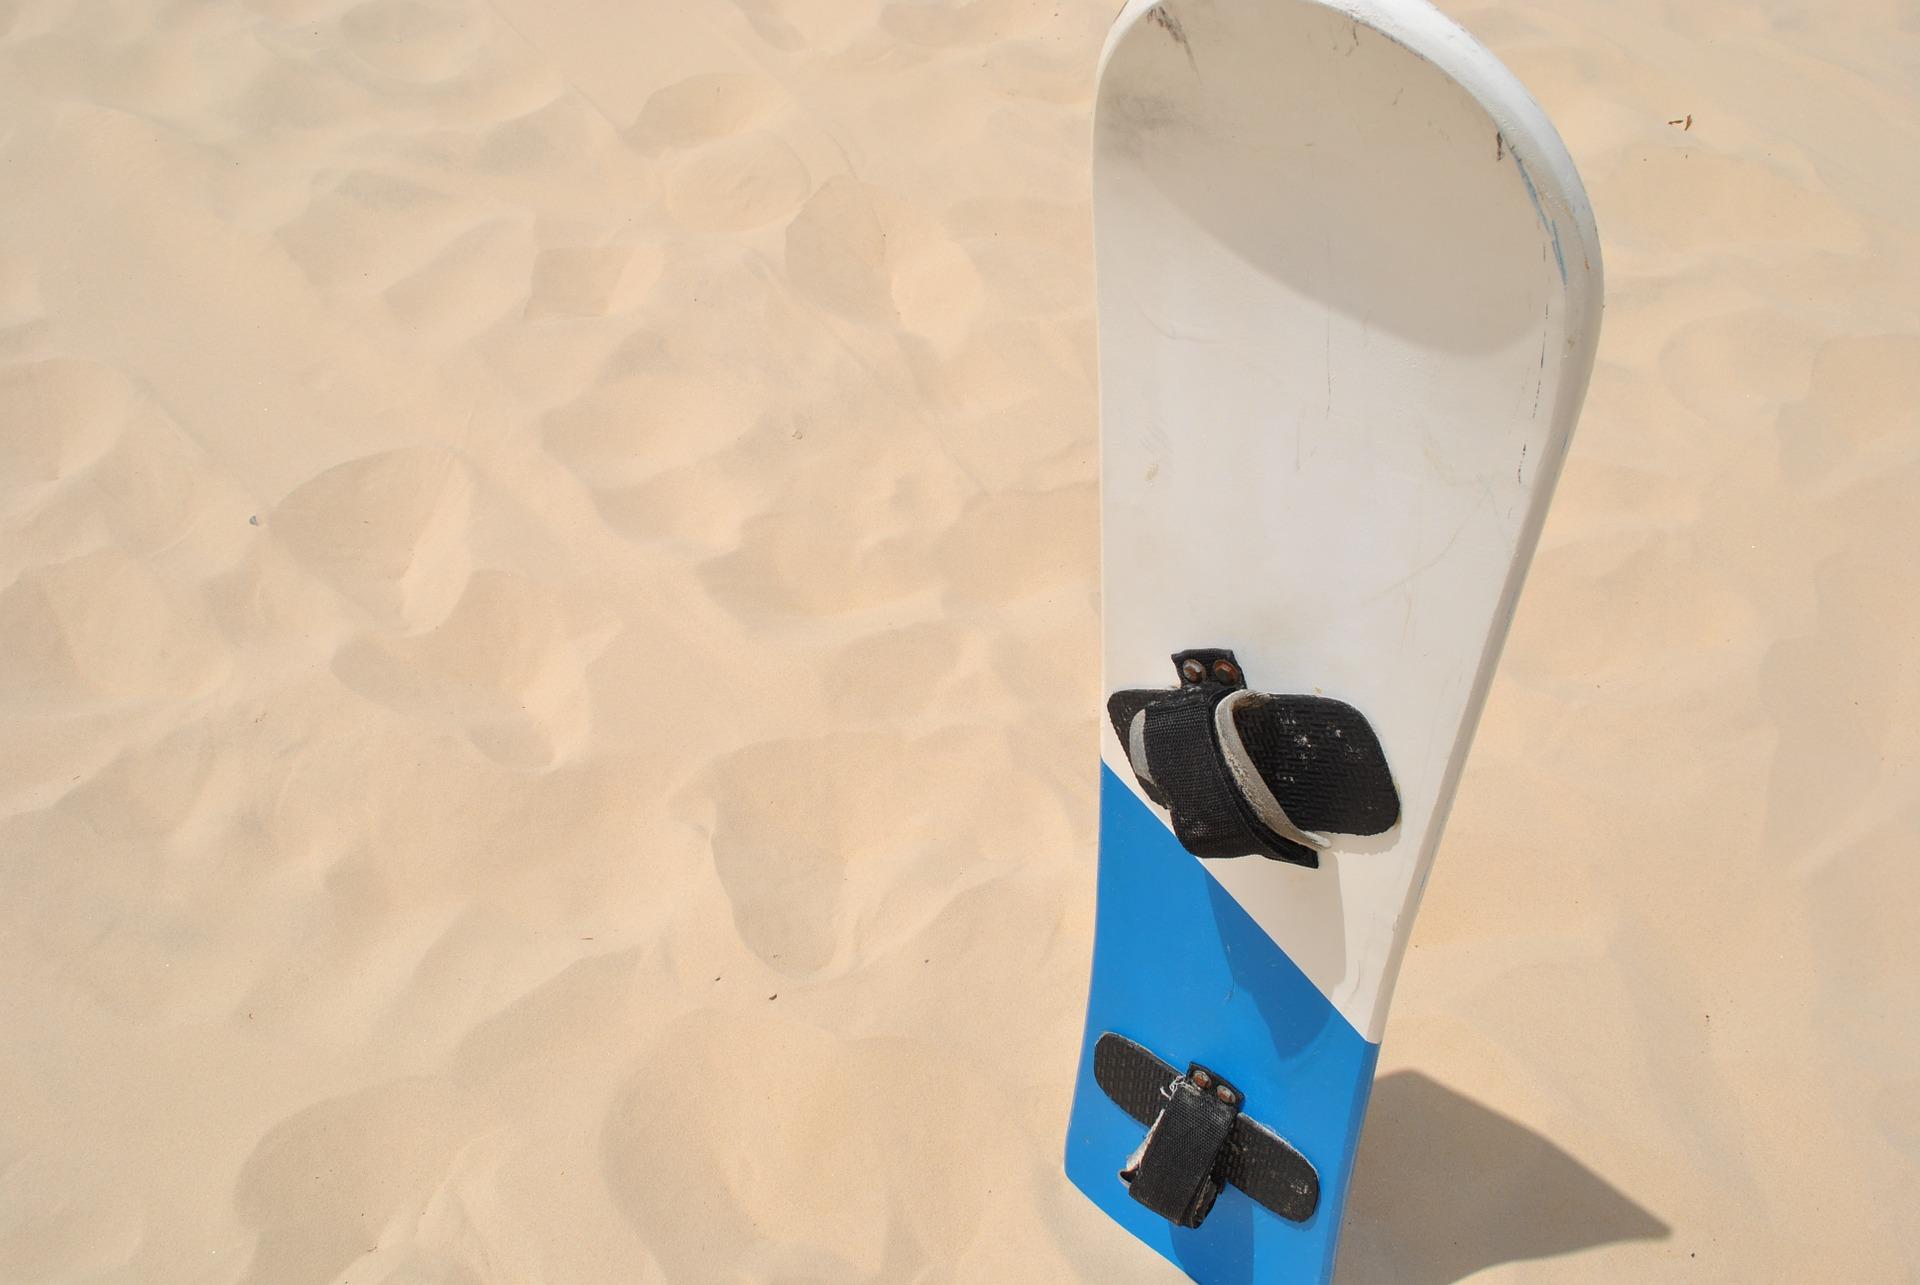 snowboard a sandboard